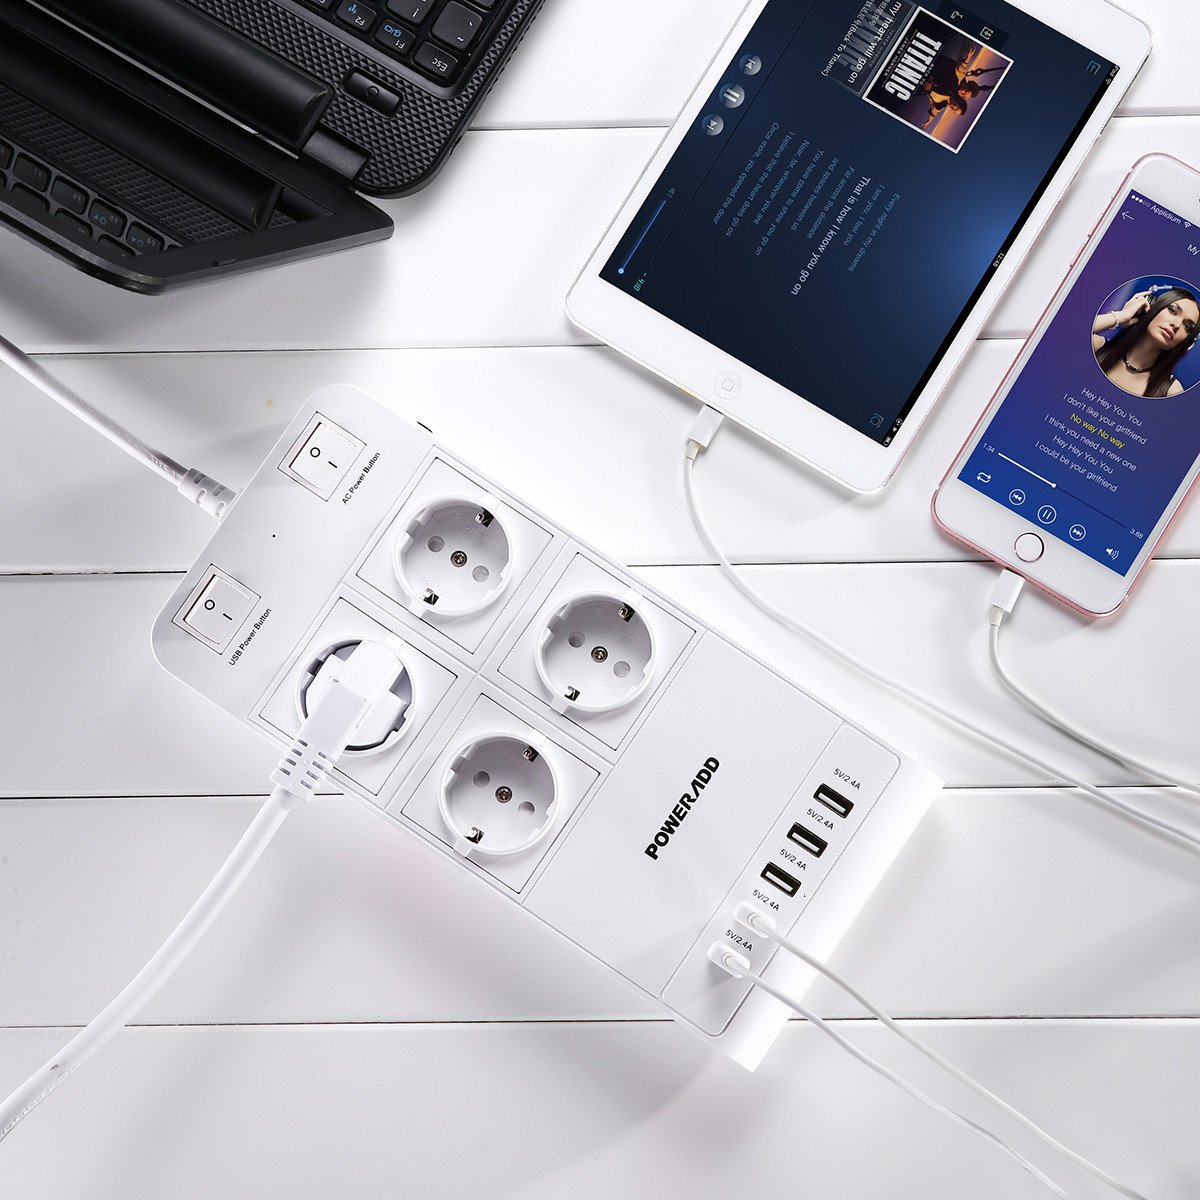 Poweradd Regleta de 4 Tomas con 5 Puertos de USB (5 de 2.4A ) con 2 Interruptor para iPhone,ipad y más Dispositivos cable 1.8m, Color-Blanco